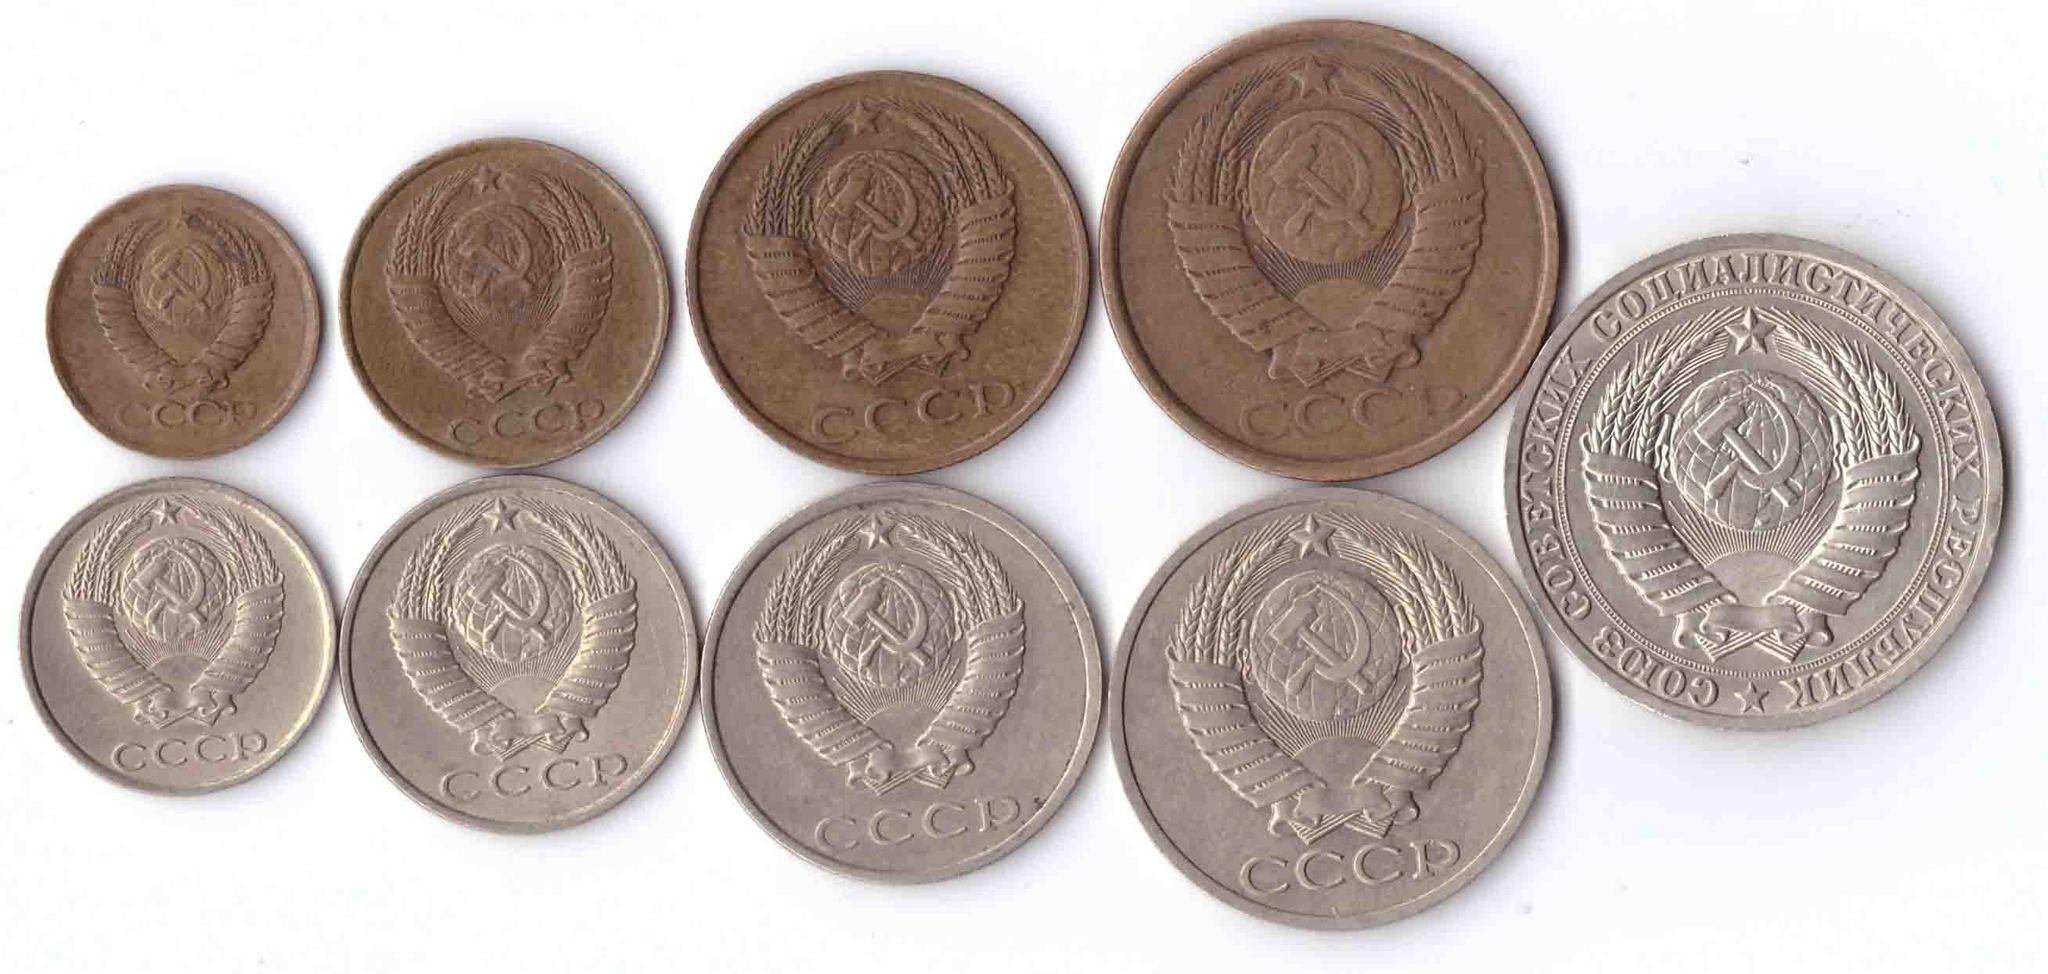 Годовой набор СССР 1988 год. 1, 2, 3, 5, 10, 15, 20, 50 копеек, 1 рубль (9 монет)